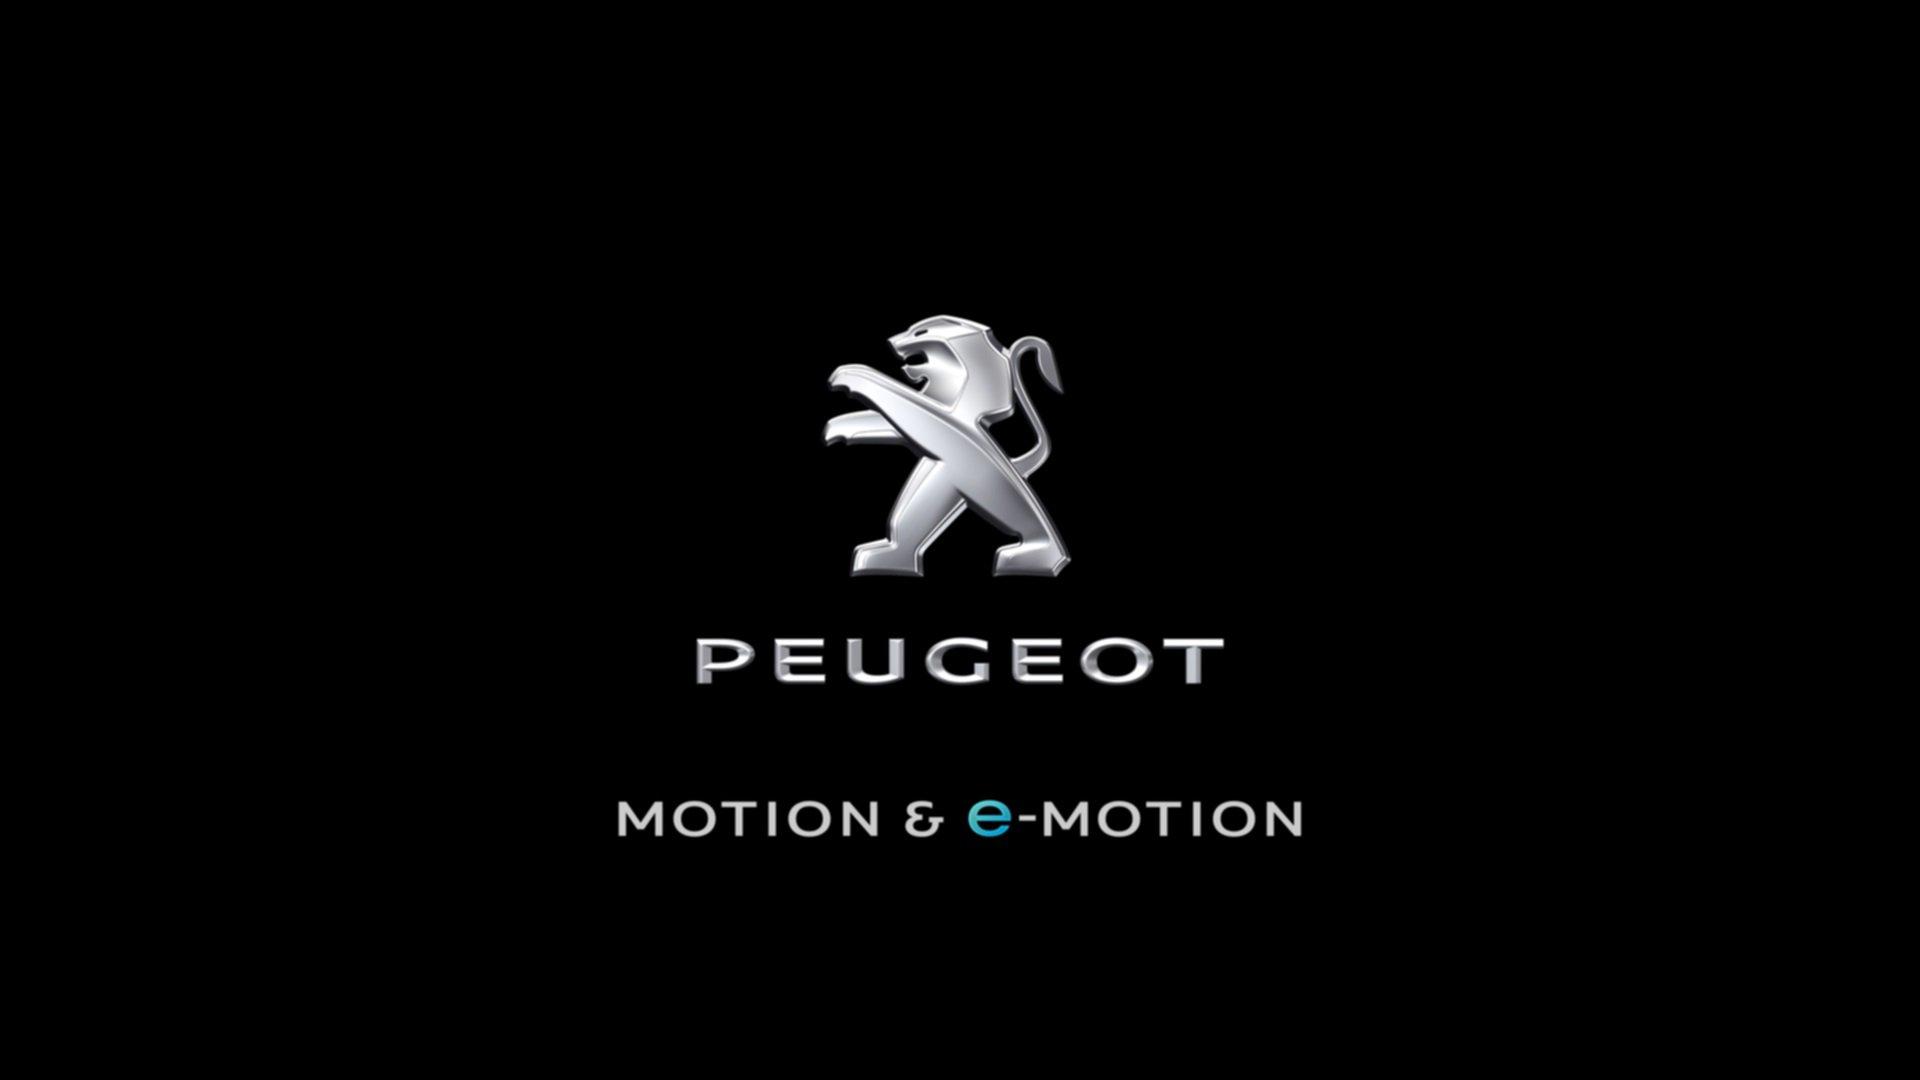 peugeot revelaing new logo